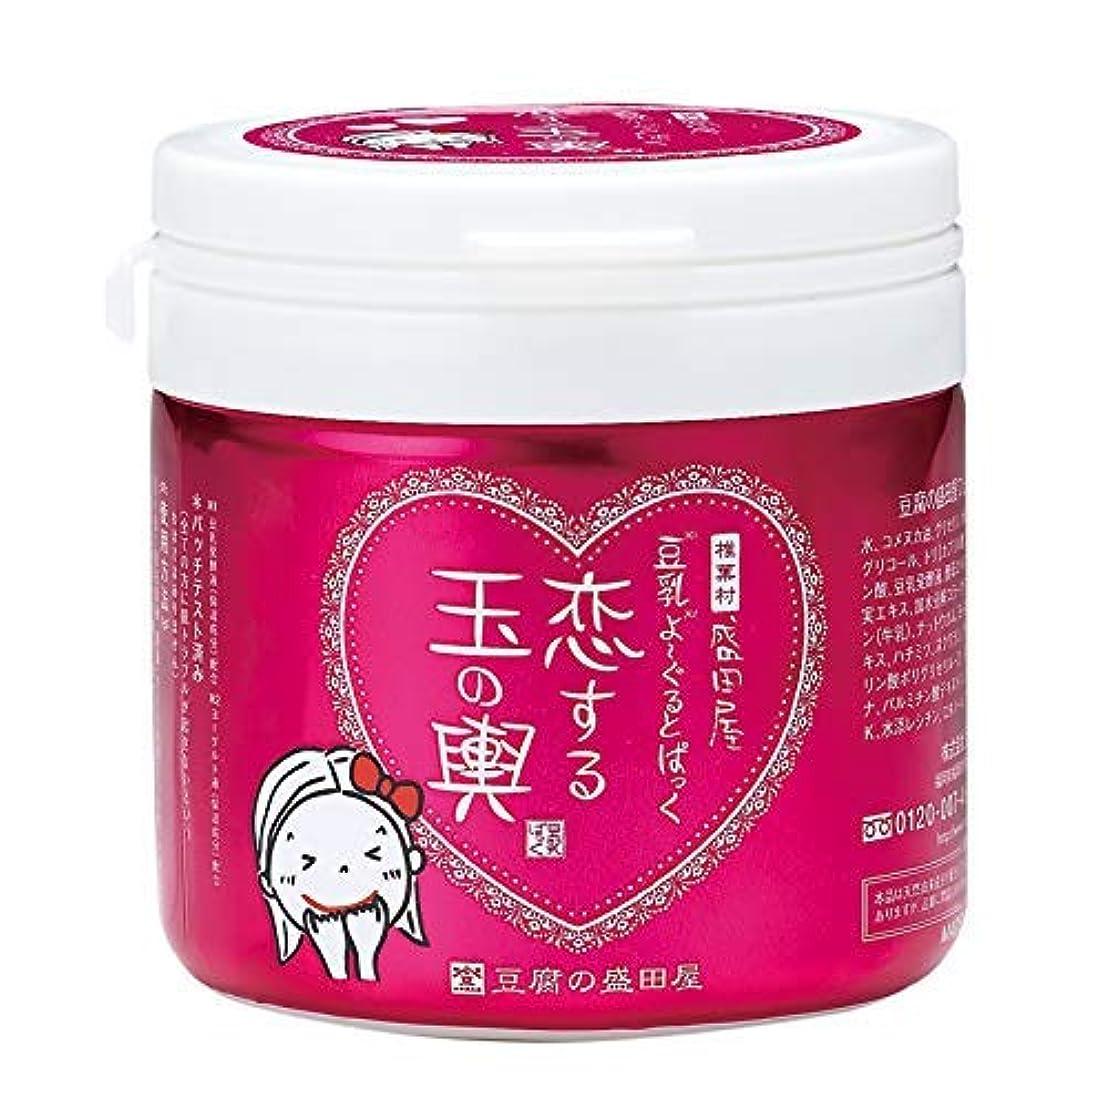 空虚粘土ディプロマ豆腐の盛田屋 豆乳よーぐるとぱっく 恋する玉の輿 150g